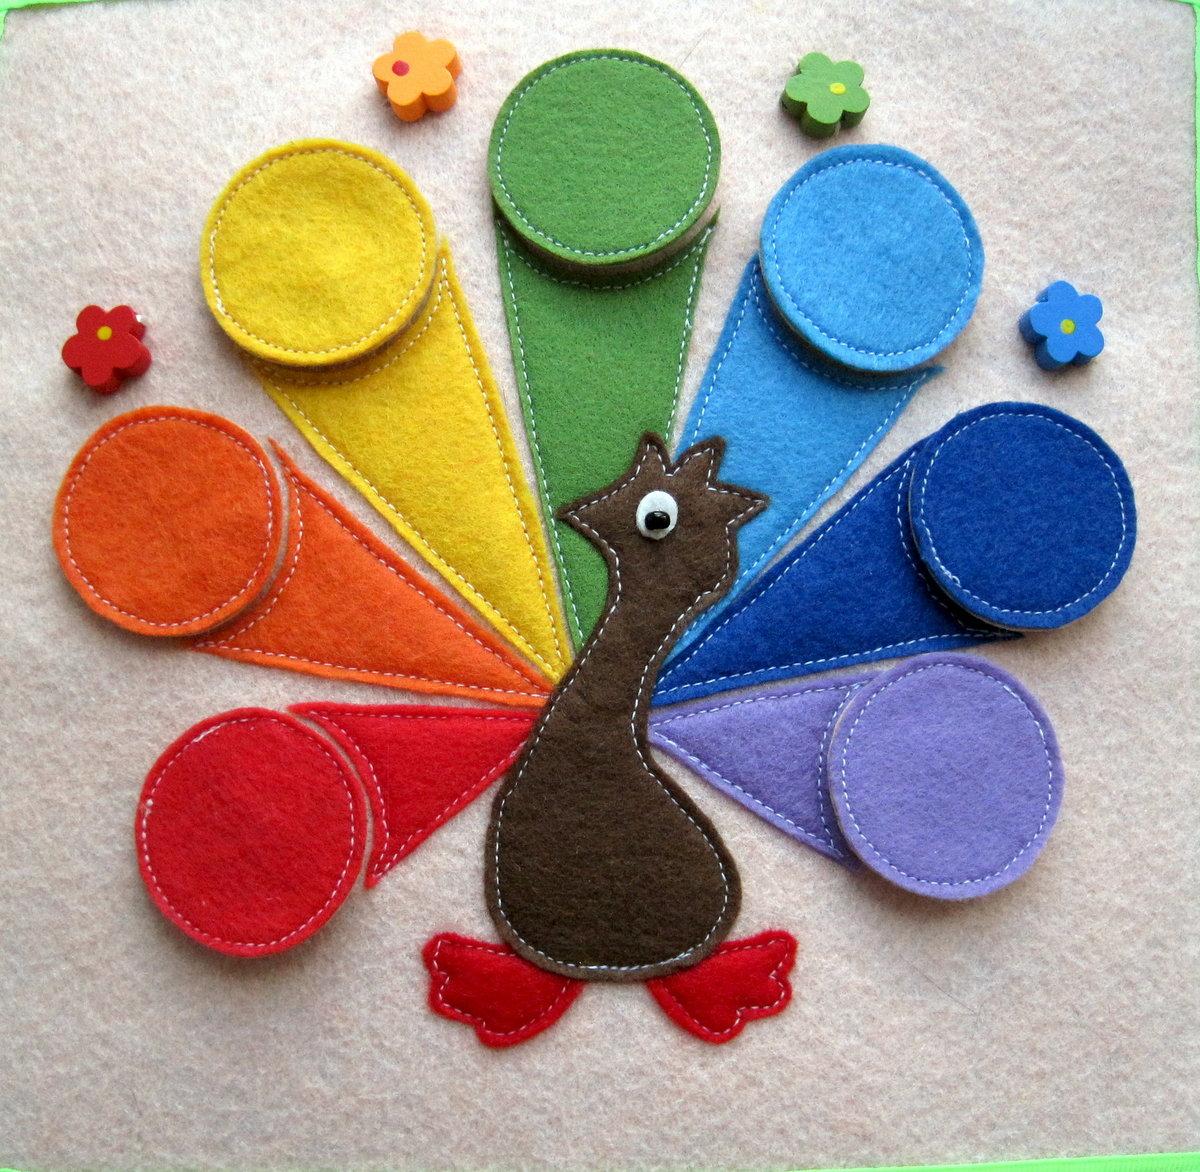 Развивающие книги для детей 1-2 года своими руками из фетра